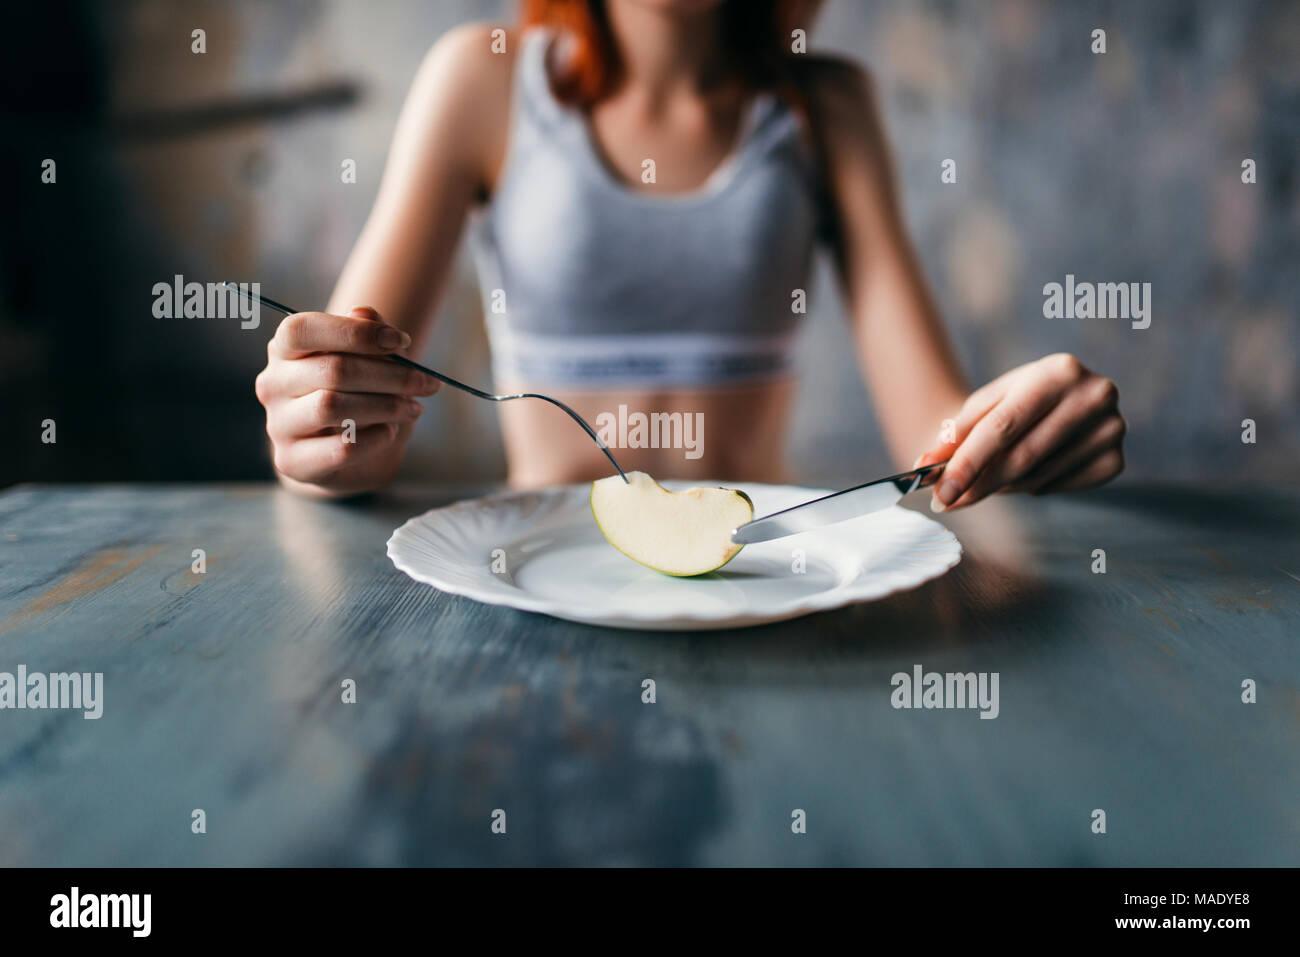 Persona del sexo femenino contra la placa con un trozo de manzana Imagen De Stock